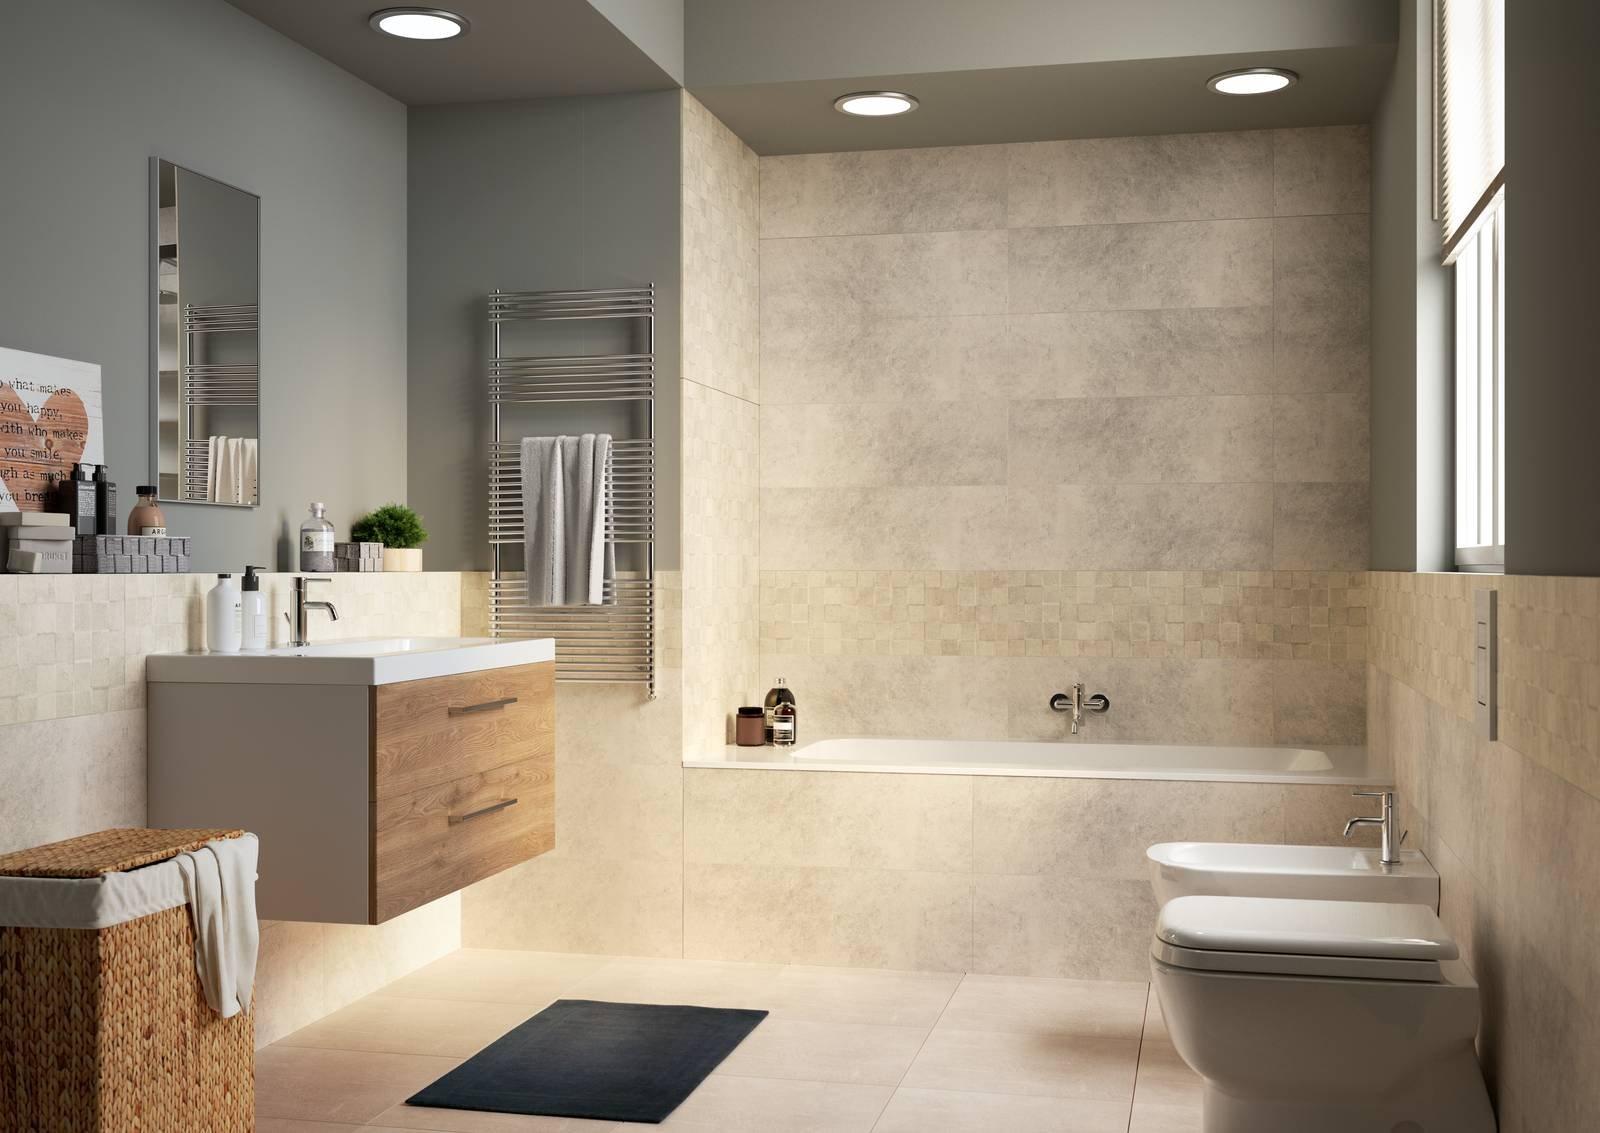 Da vasca a doccia un bagno nuovo su misura cose di casa for Bagno piccolo con vasca